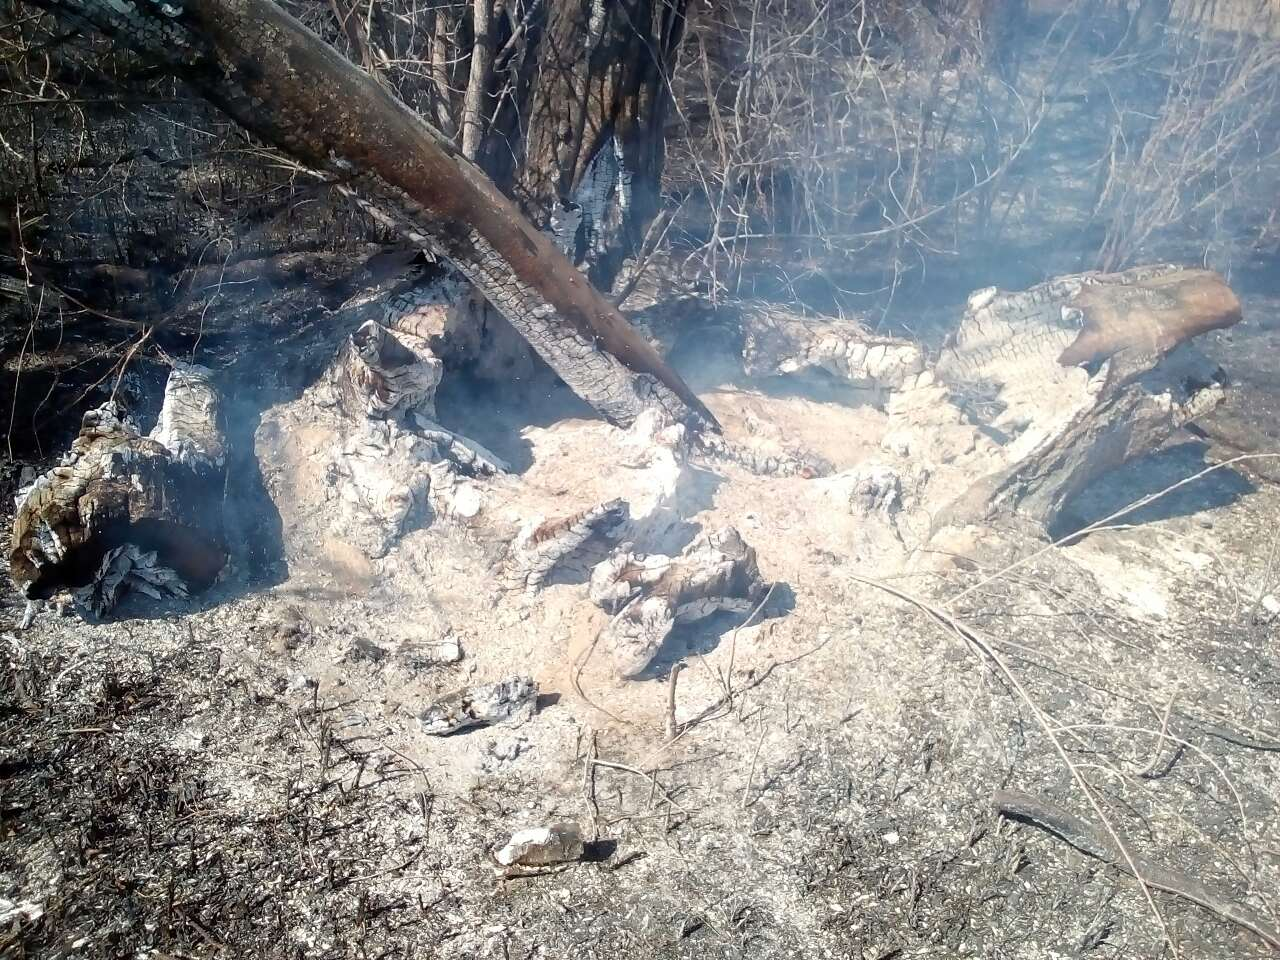 """У Яготинському районі бабуся влаштувала пожежу, щоб """"викурити"""" лисиць -  - viber image 2020 04 03 1kk3 52 14"""